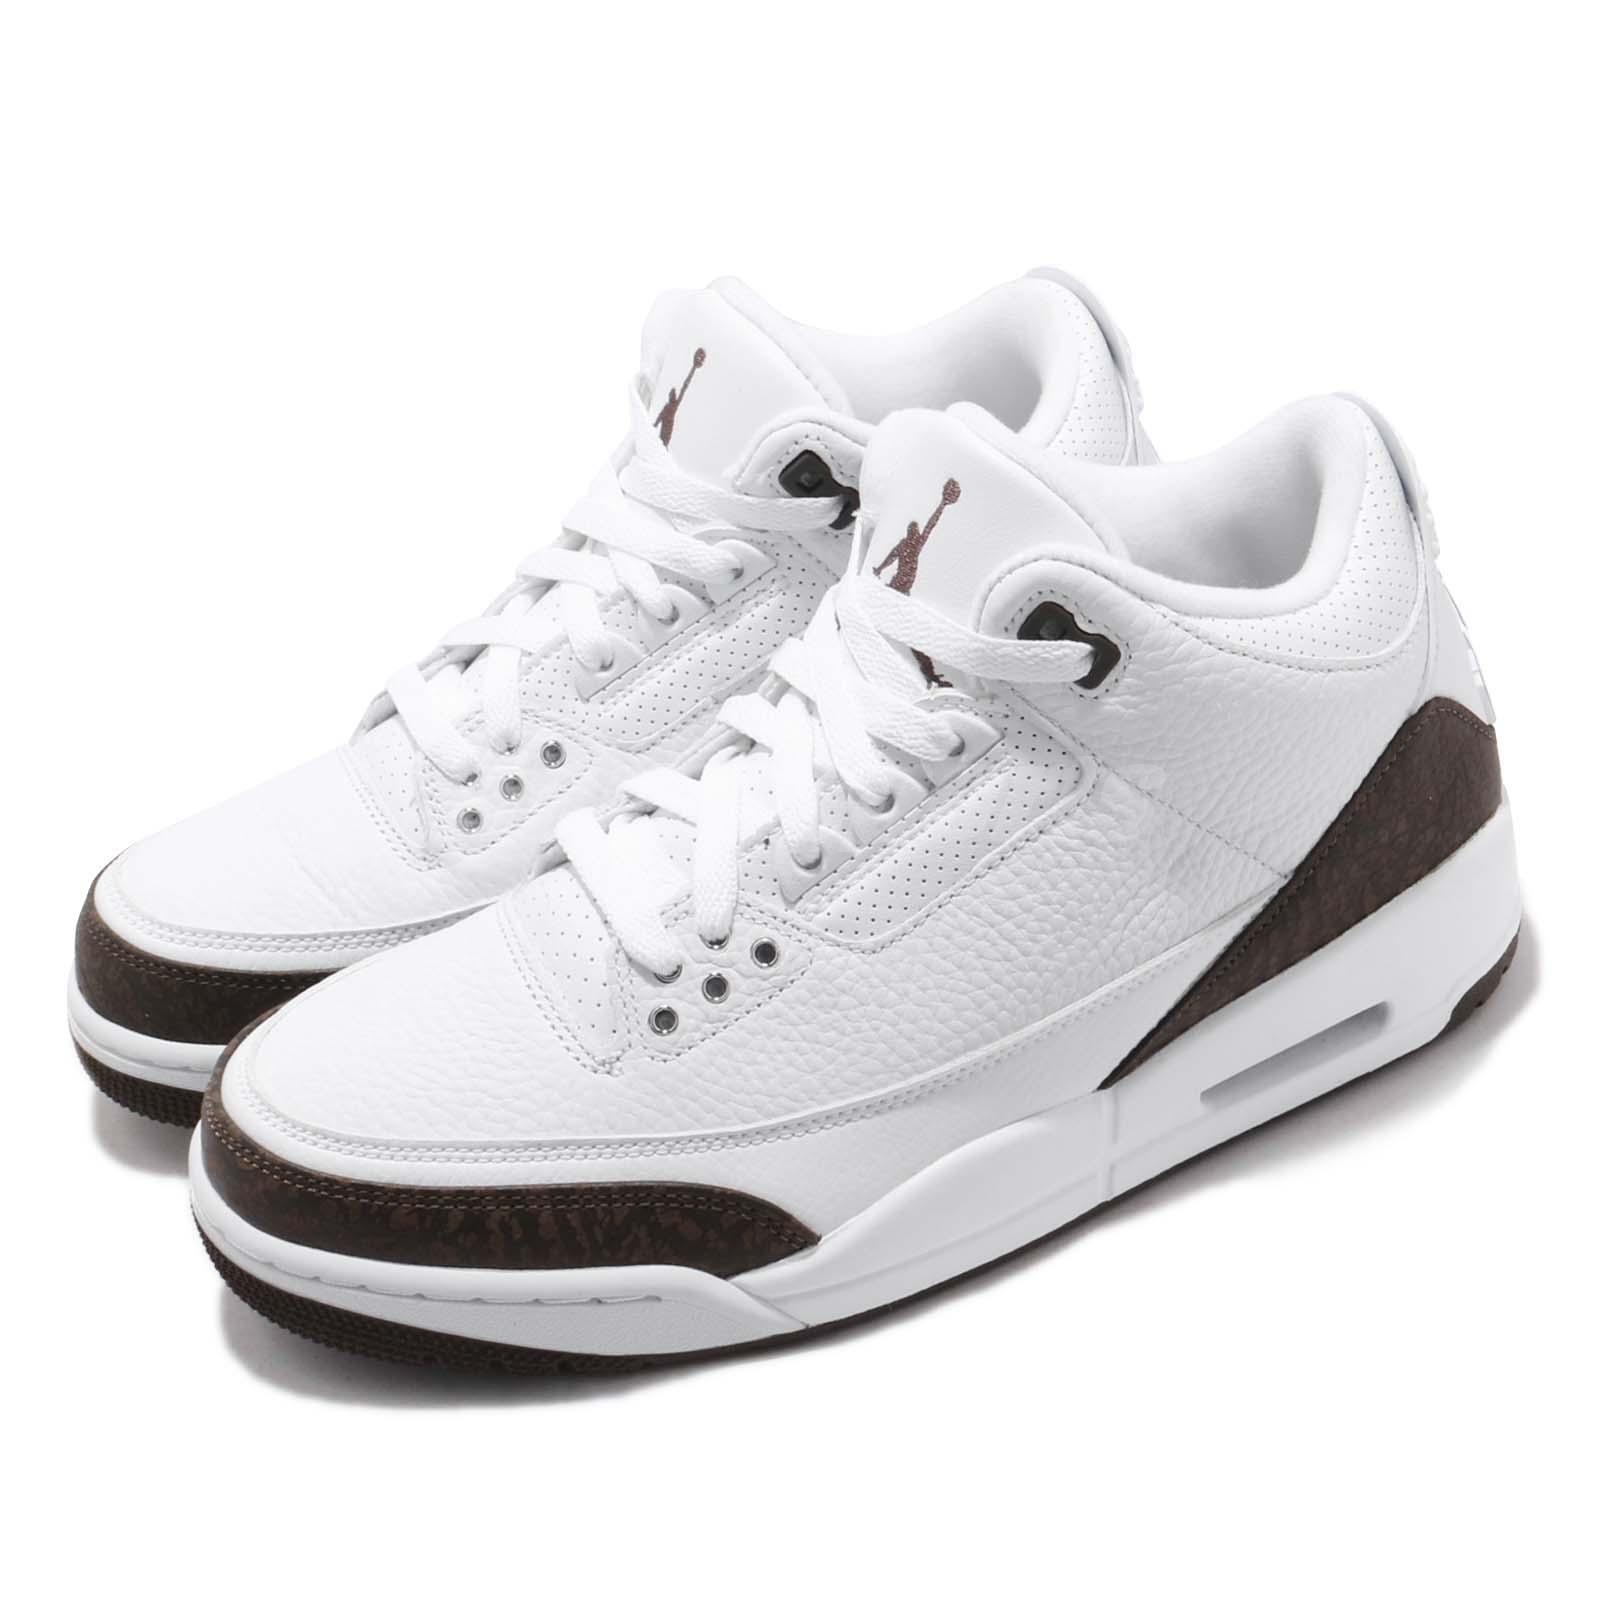 los angeles dab76 3f76b Details about Nike Air Jordan 3 Retro Mocha 2018 III AJ3 White Men  Basketball Shoes 136064-122